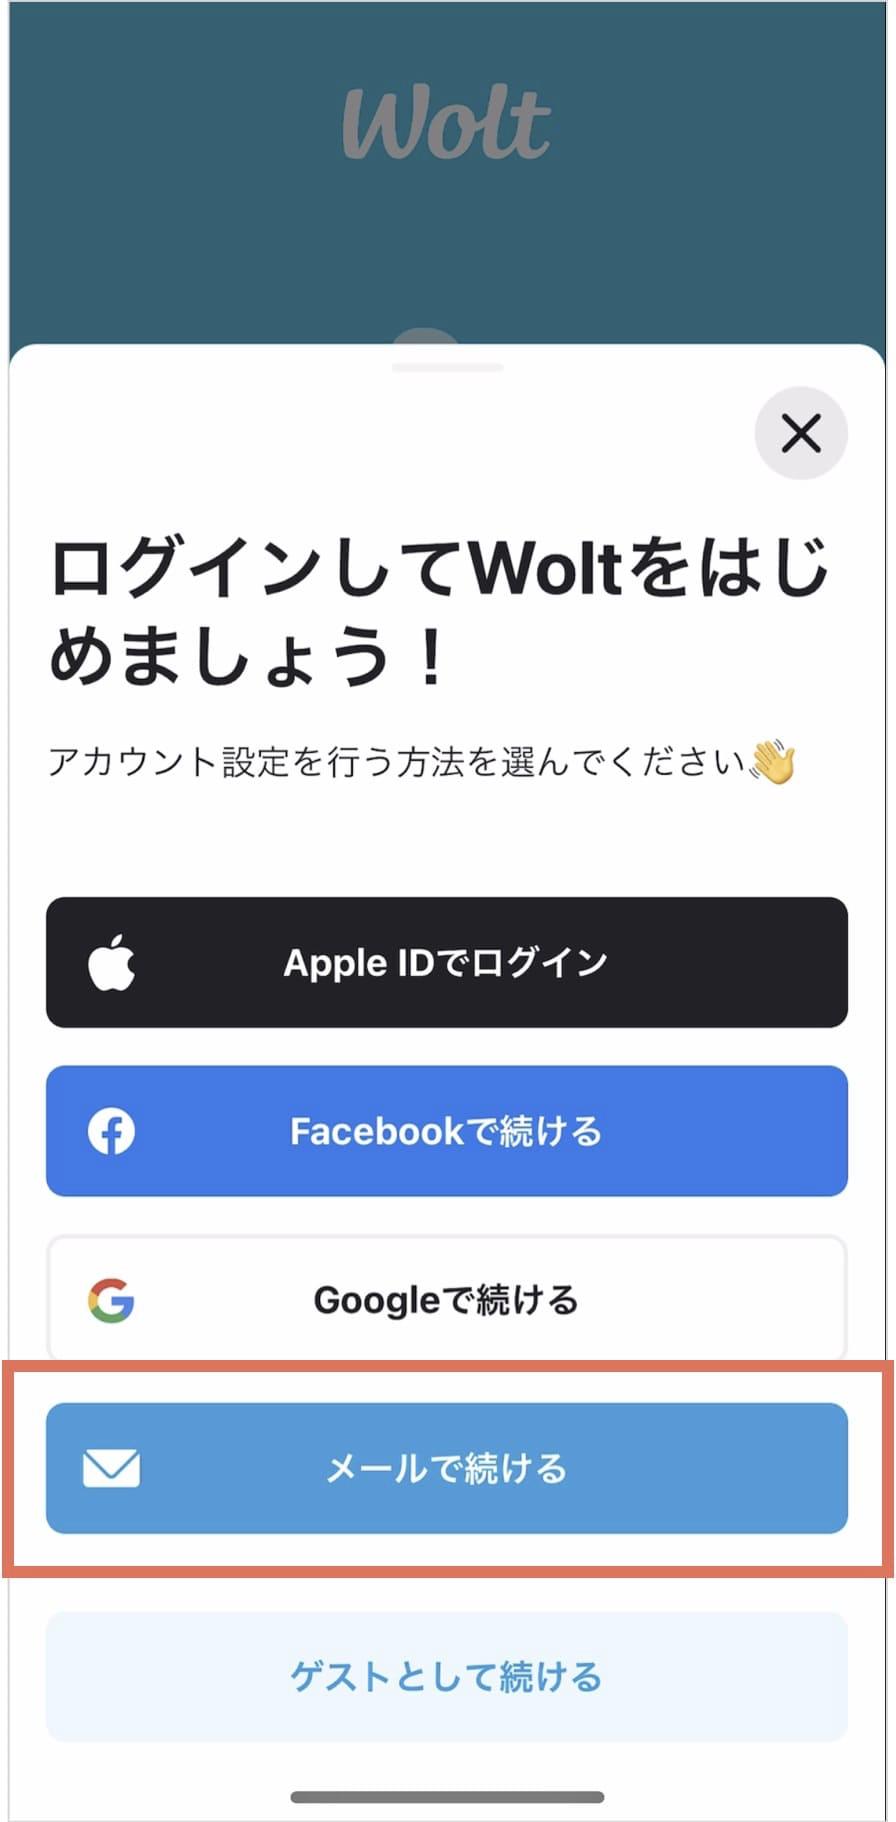 デリバリーアプリWolt(ウォルト)の使い方